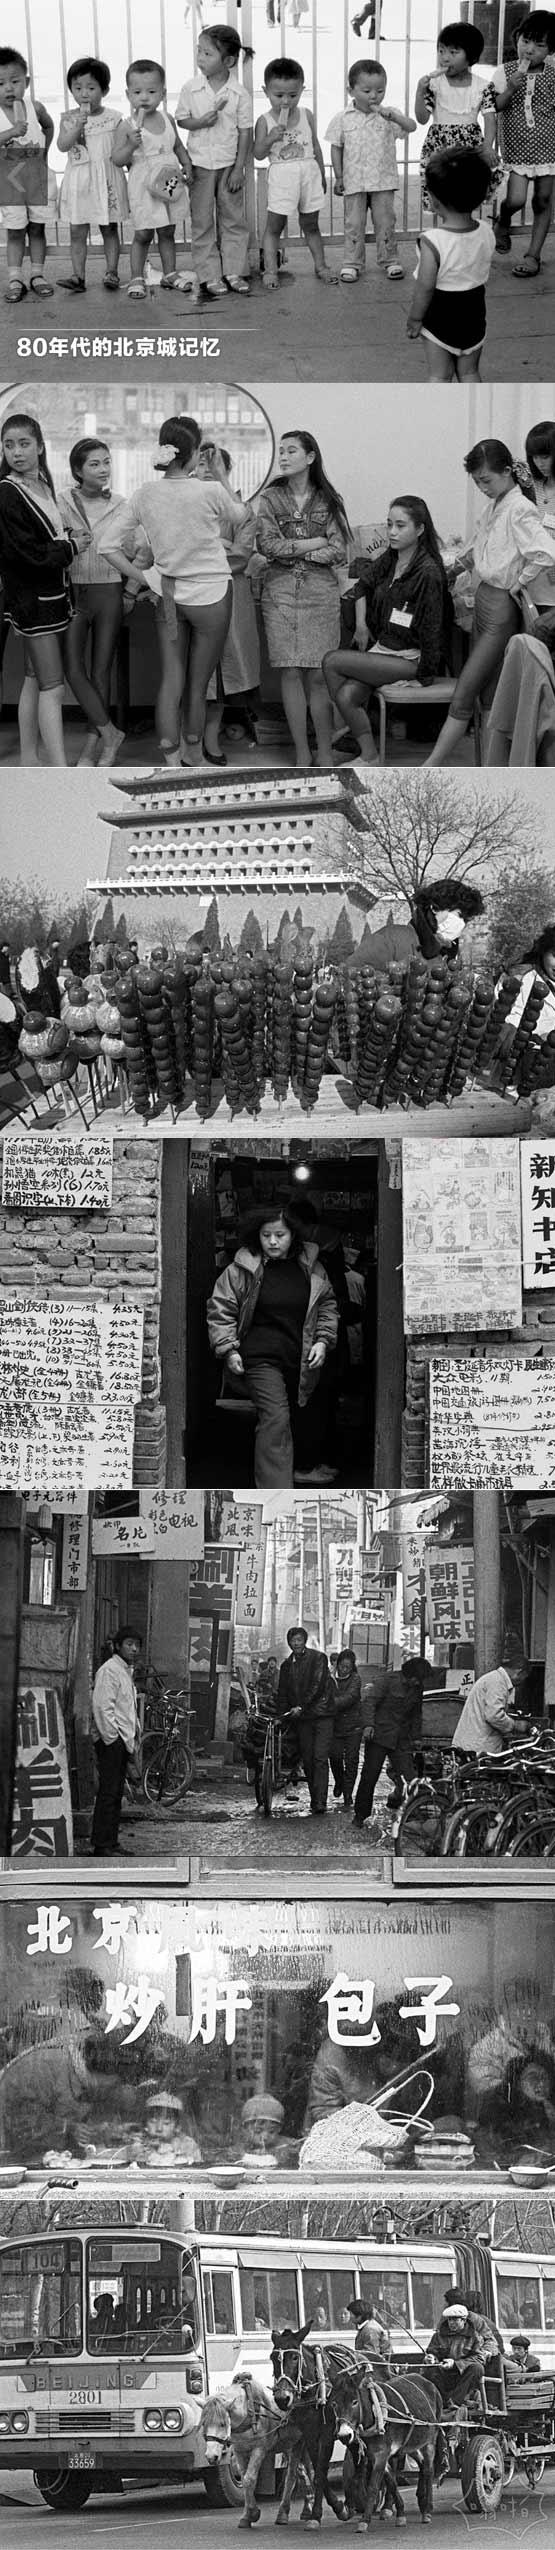 80年代的北京城记忆